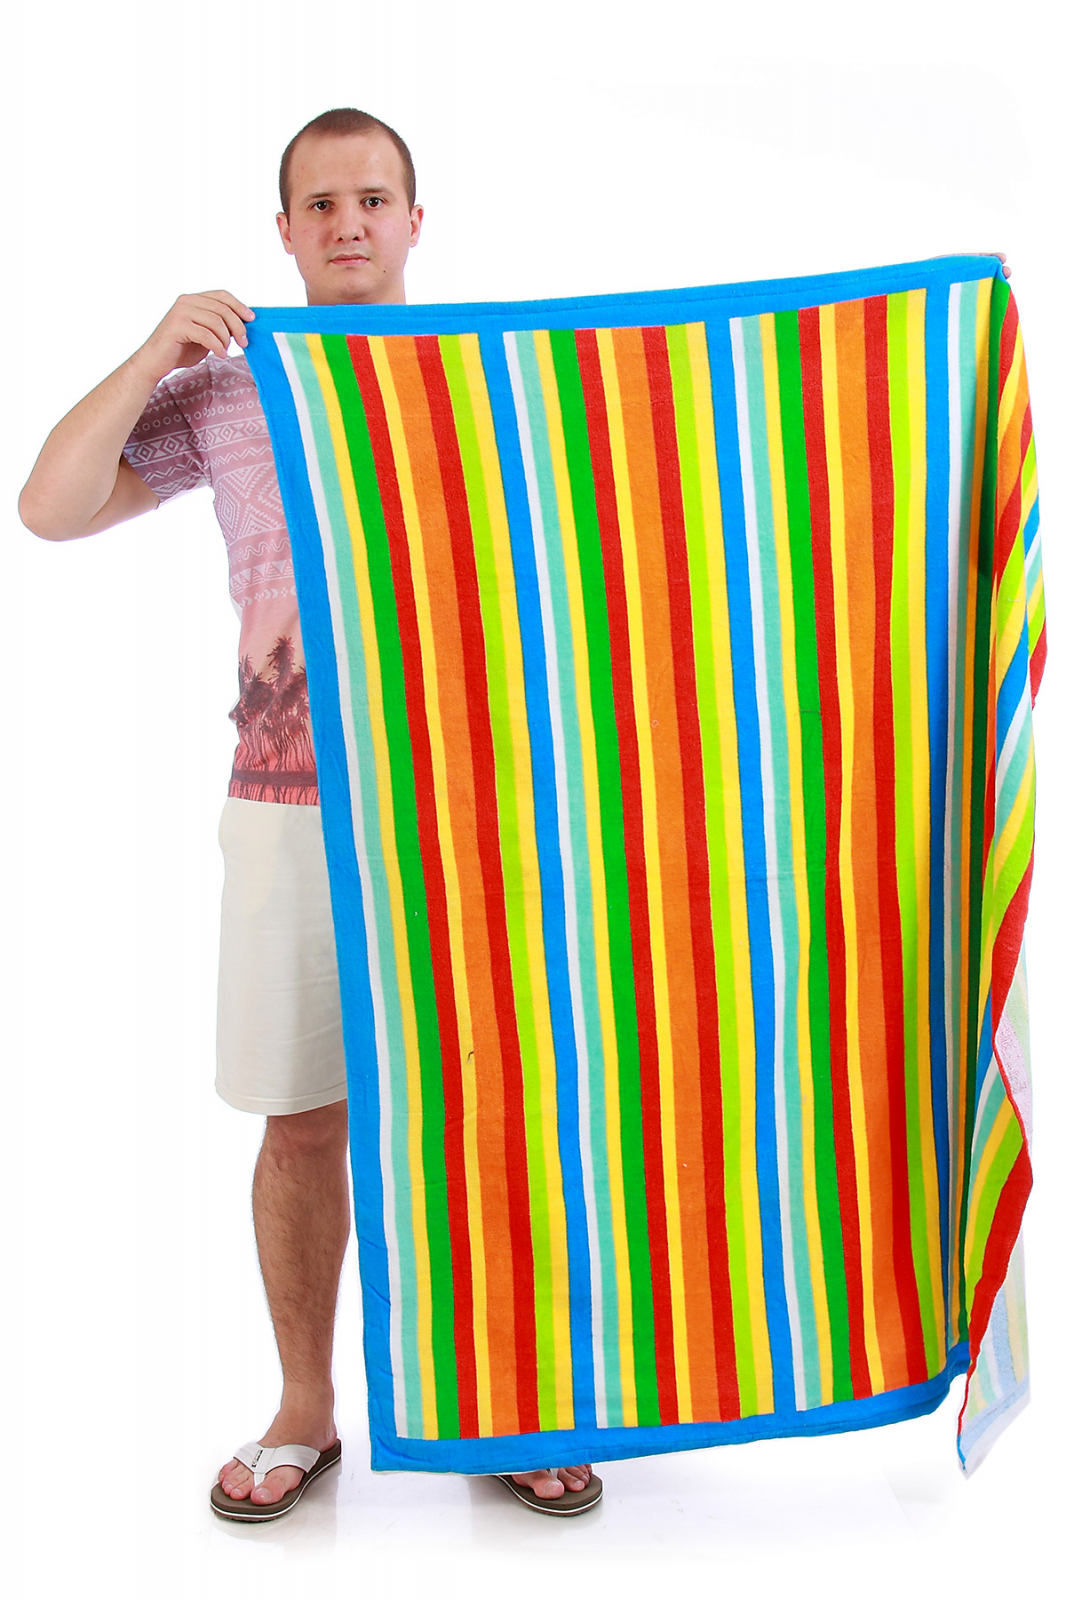 Полотенце полосатое - заказать в интернет-магазине